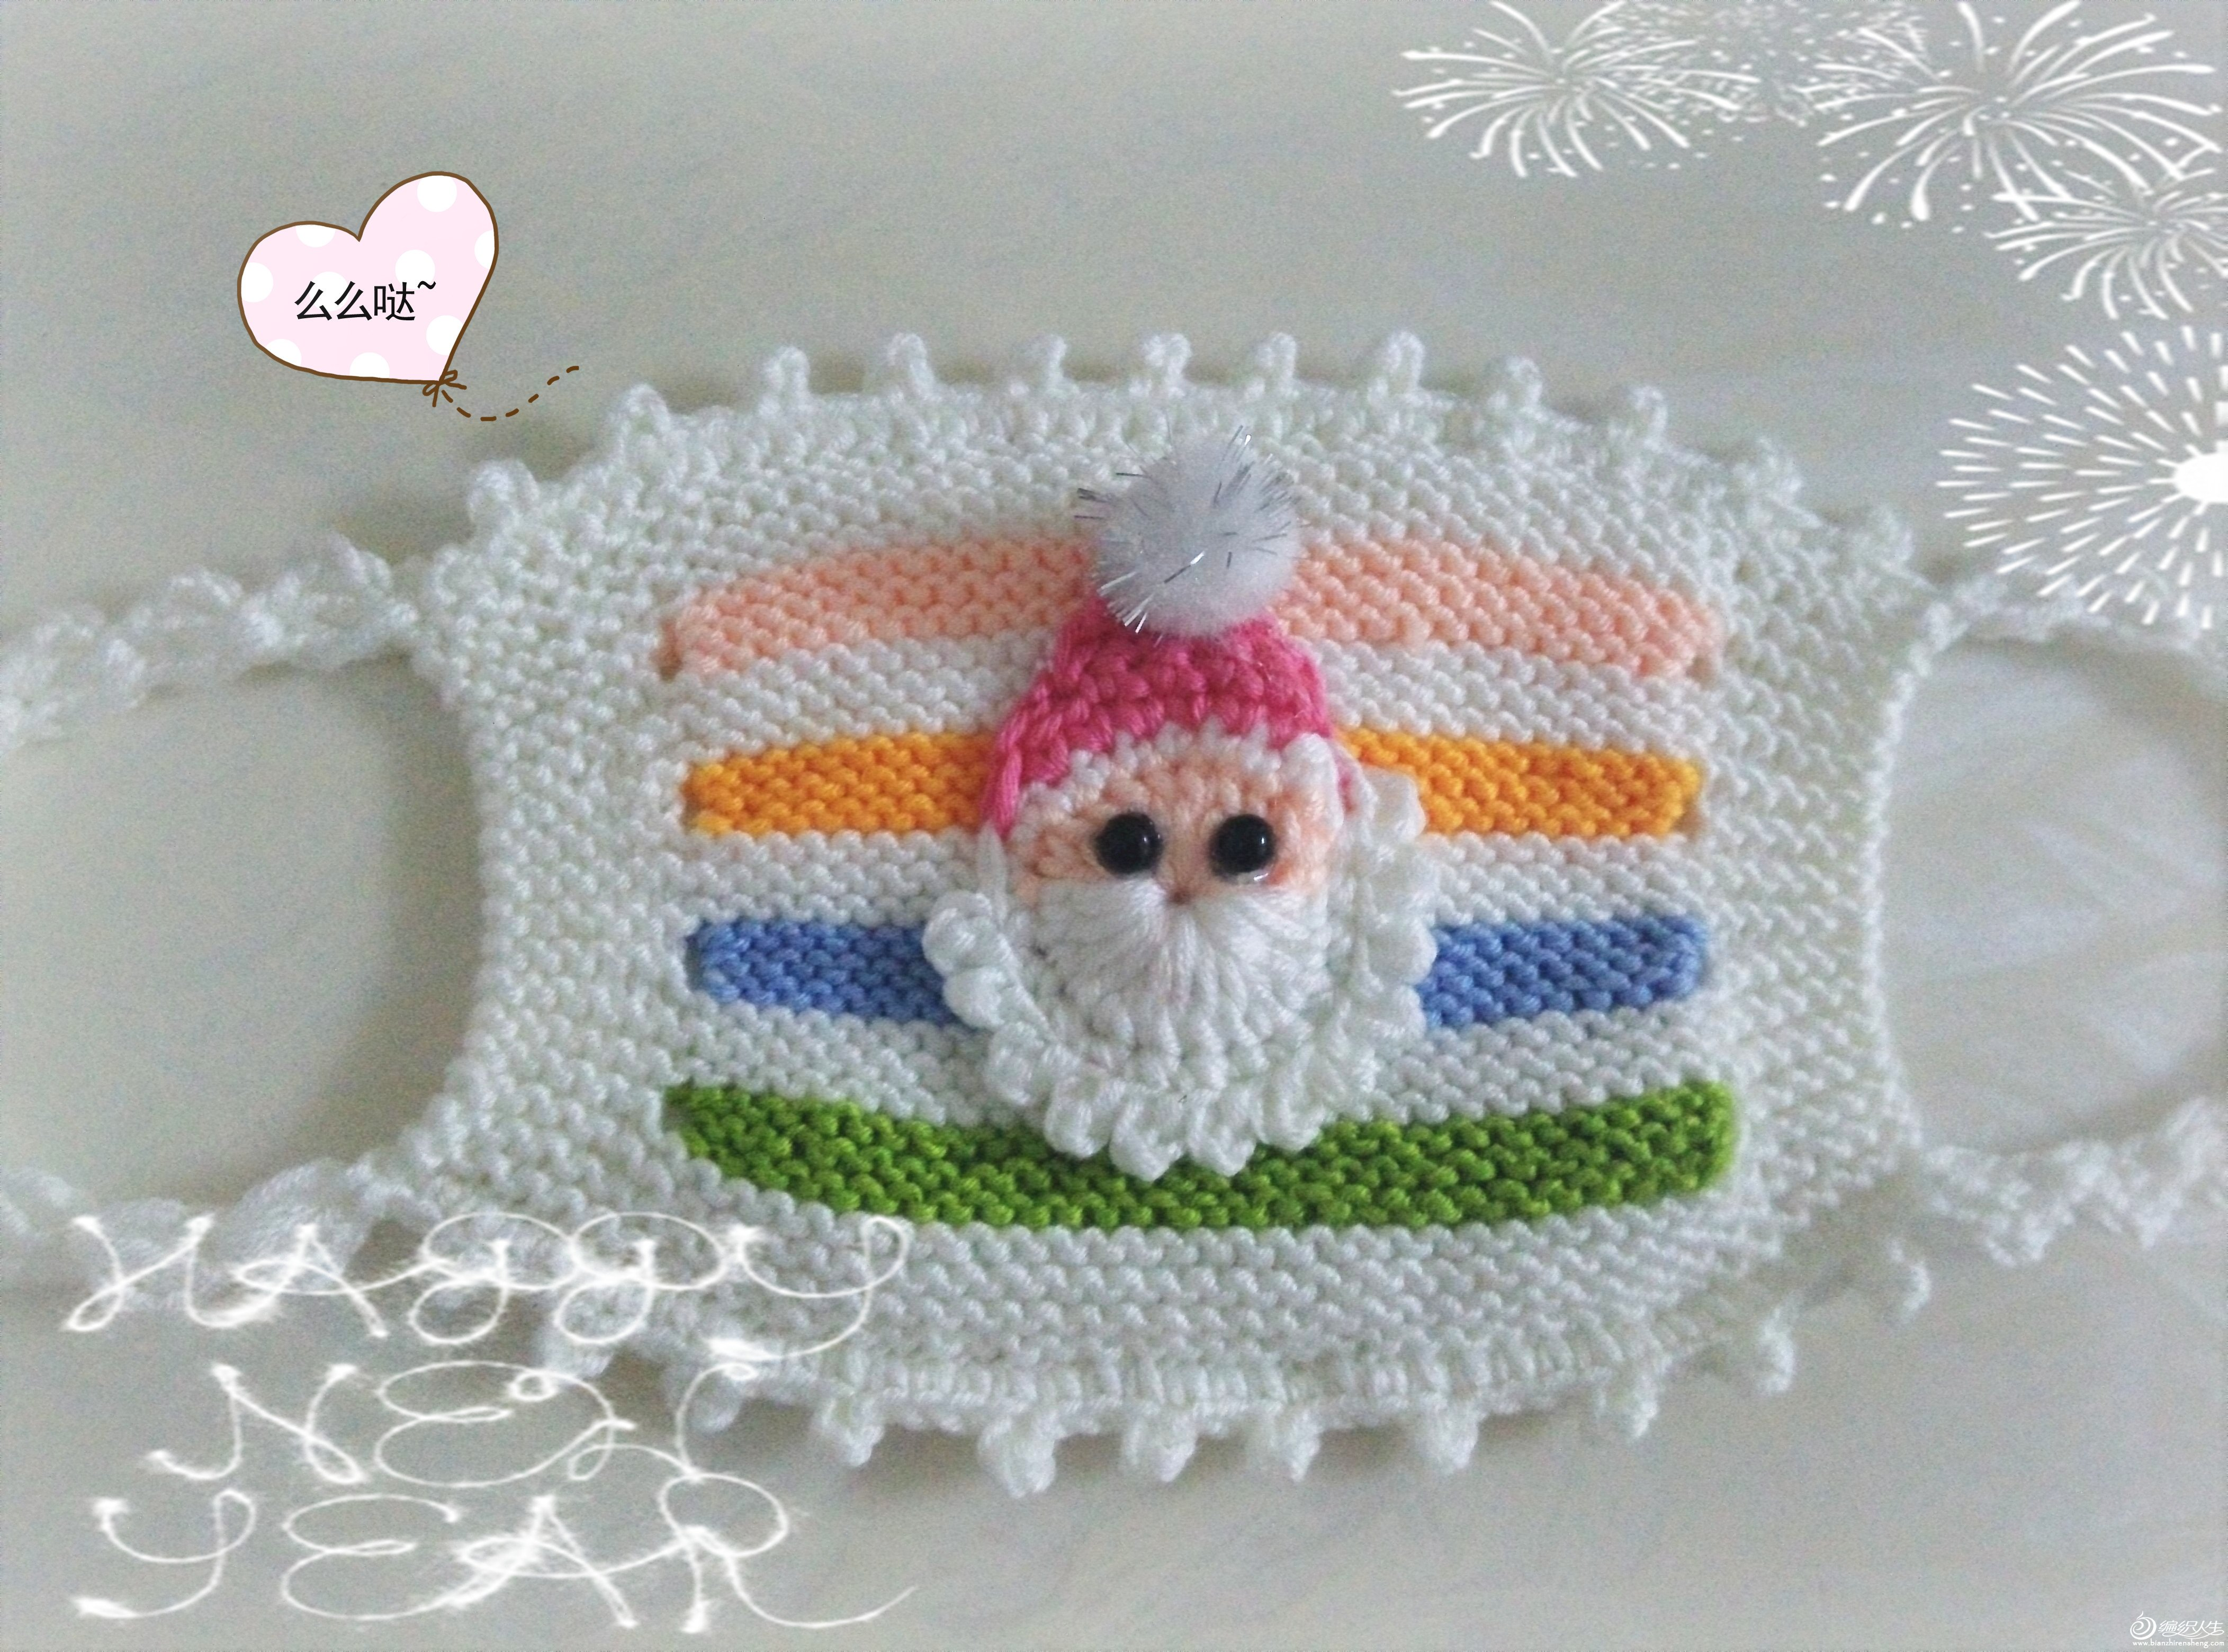 上次给闺女的织的口罩,闺女的同学说:你妈妈真厉害,是个编织大侠!